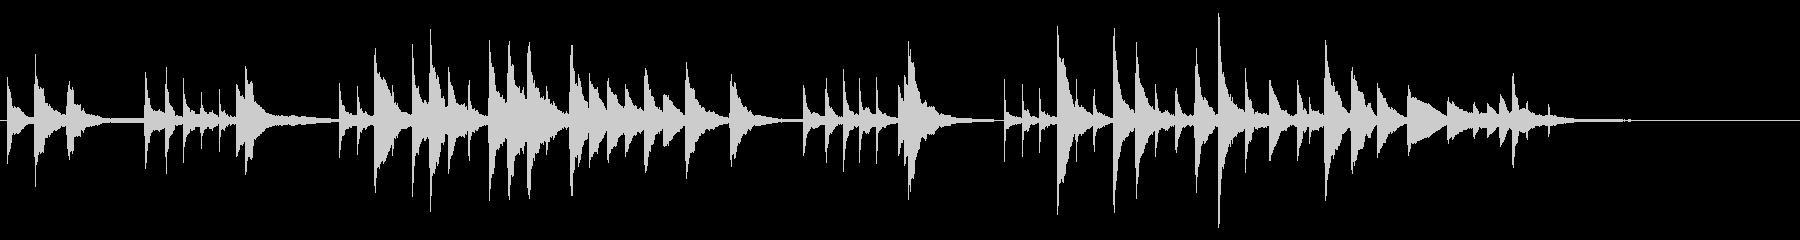 幻想的な終わり方のトロイメライ 50秒程の未再生の波形